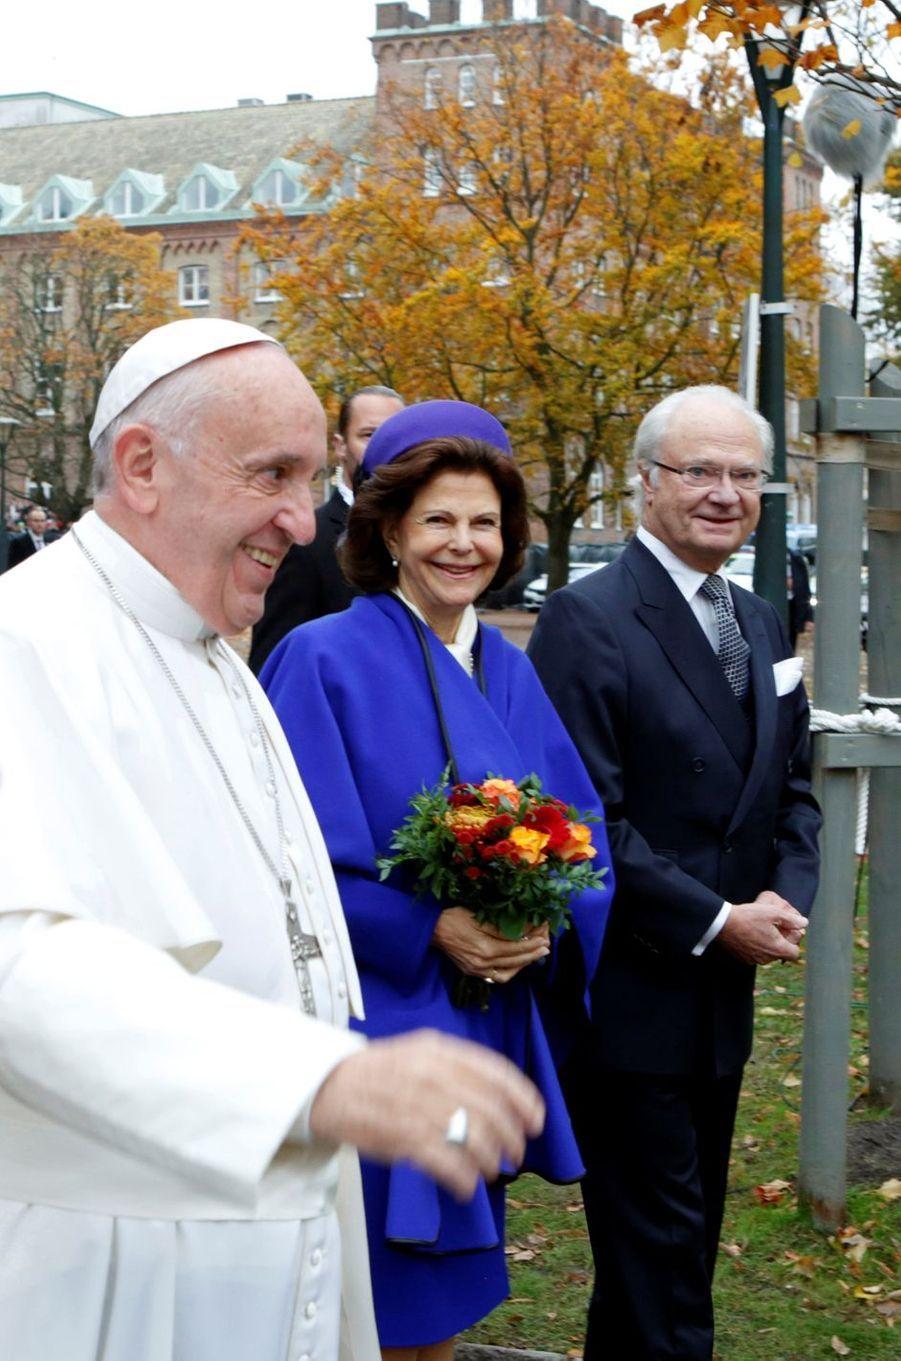 La reine Silvia de Suède était aux côtés de son royal époux ce lundi à Lund pour y accueillir le pape François en visite historique dans ce pays protestant.